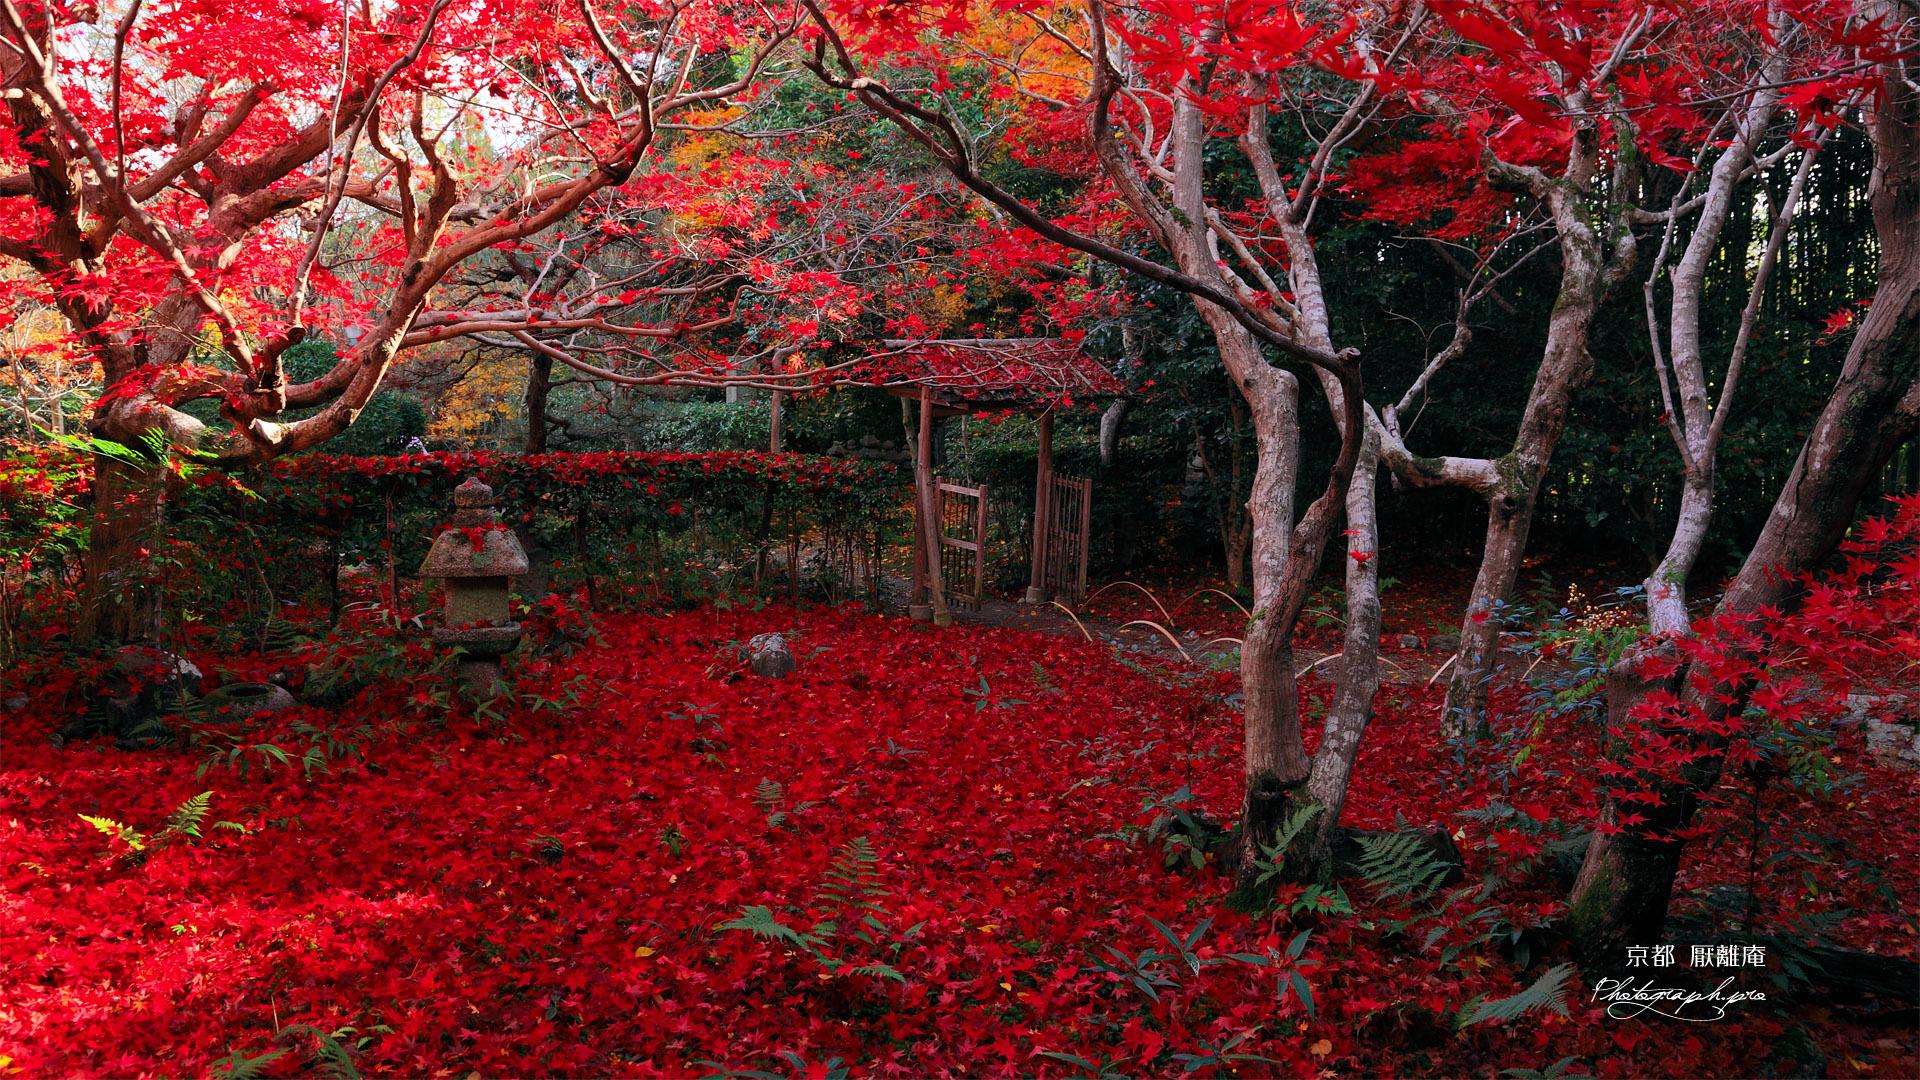 京都厭離庵 庭園の散り紅葉 ...